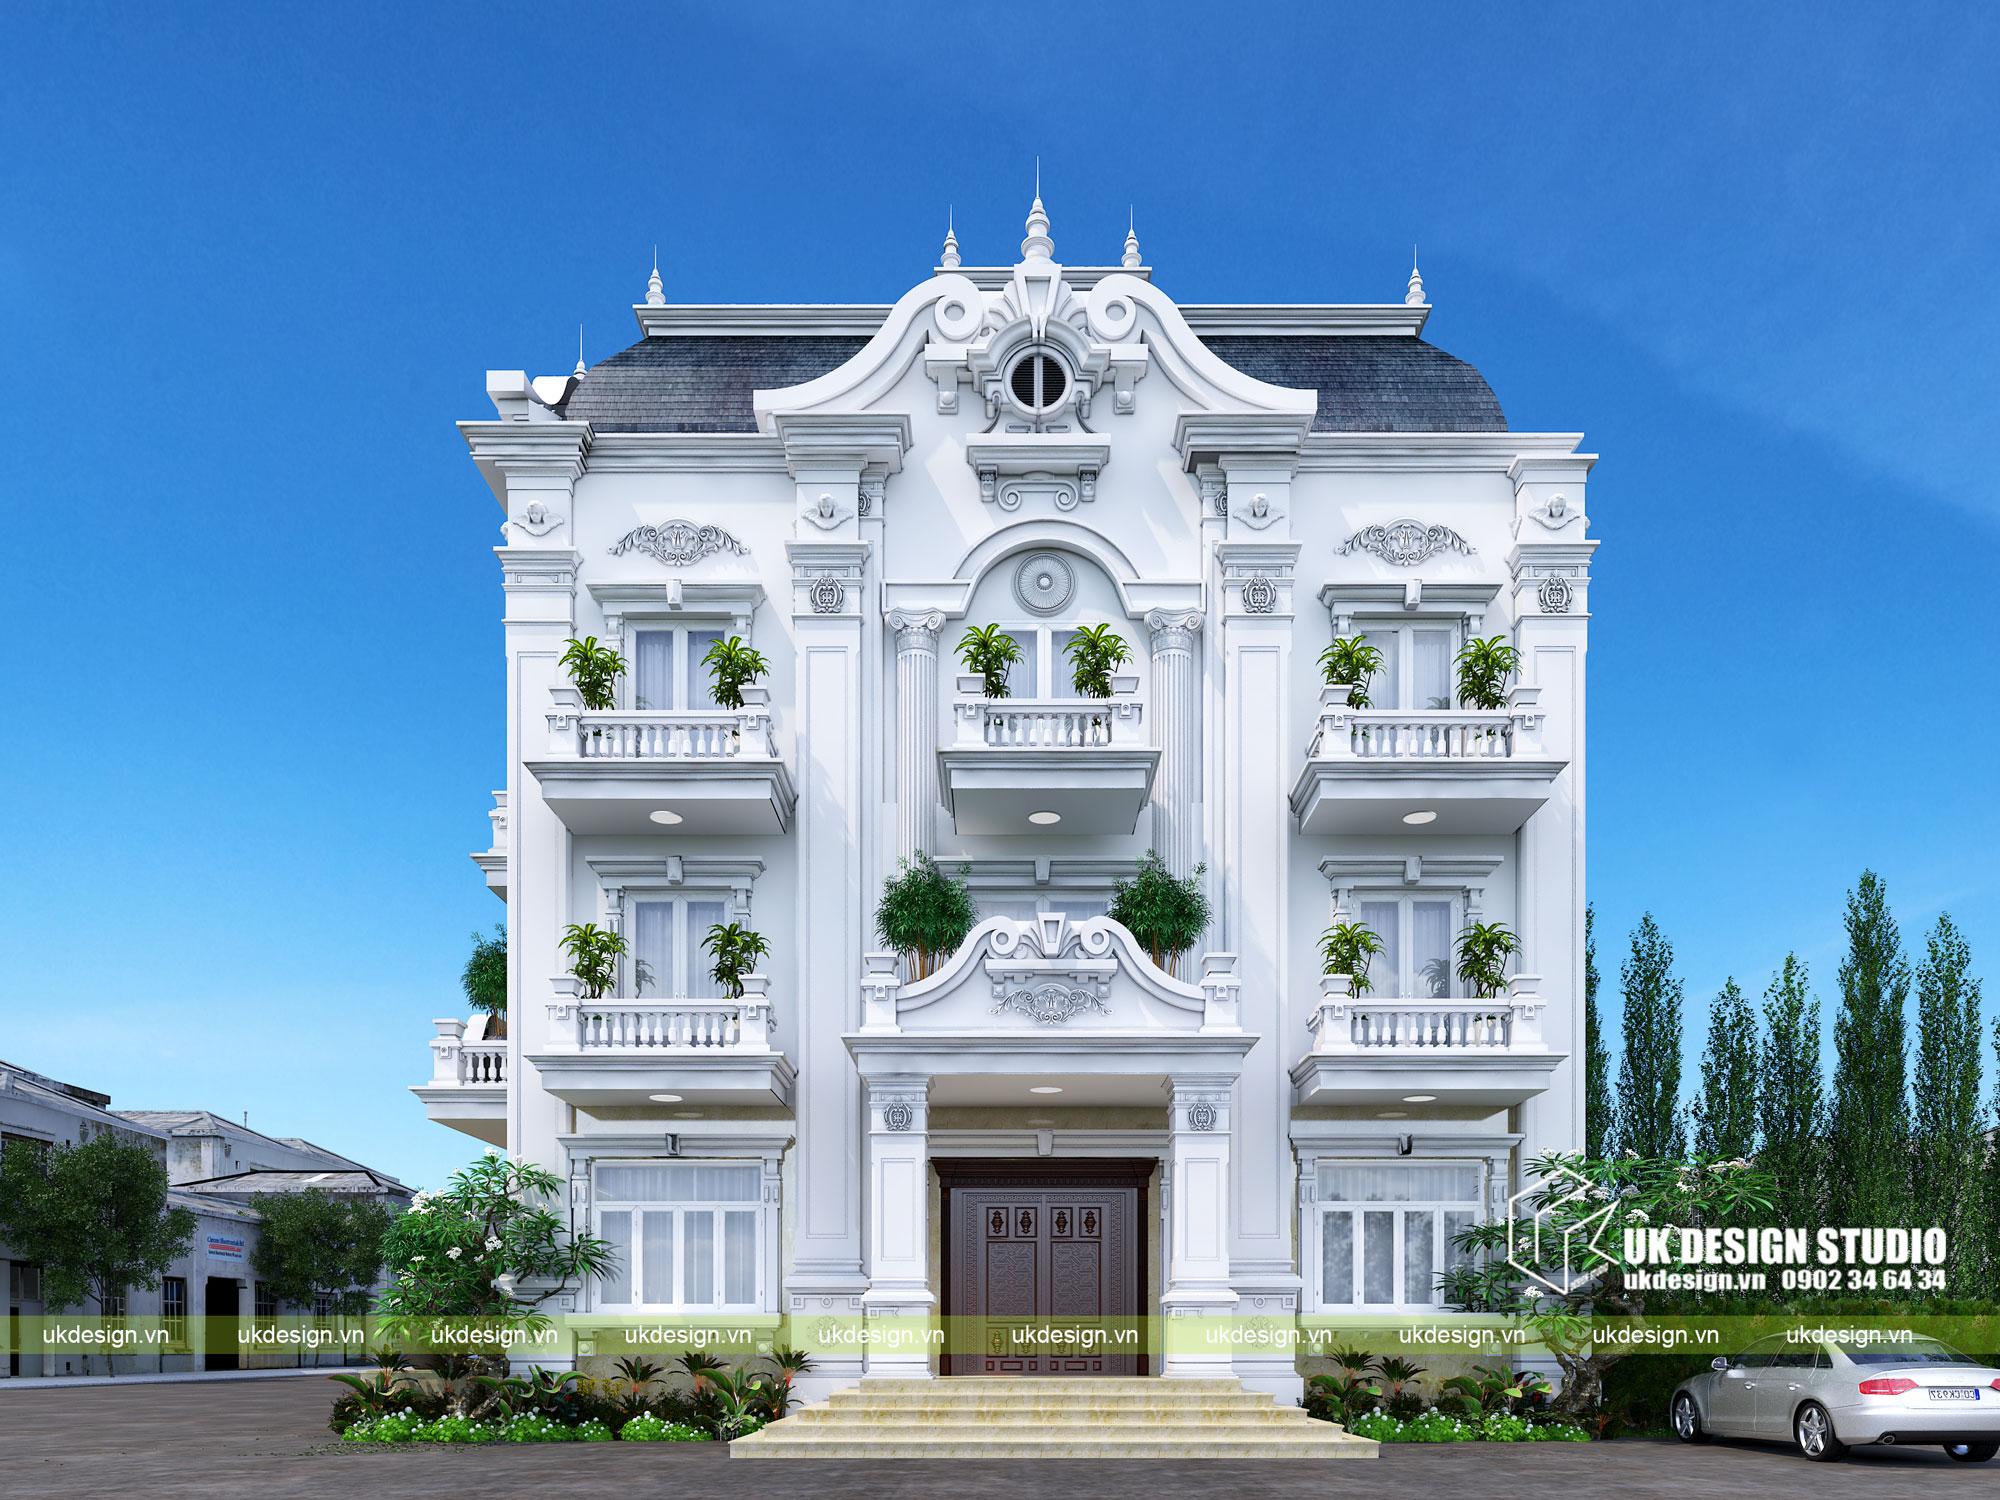 Thiết kế nhà phố cổ điển 2 mặt tiền - 1